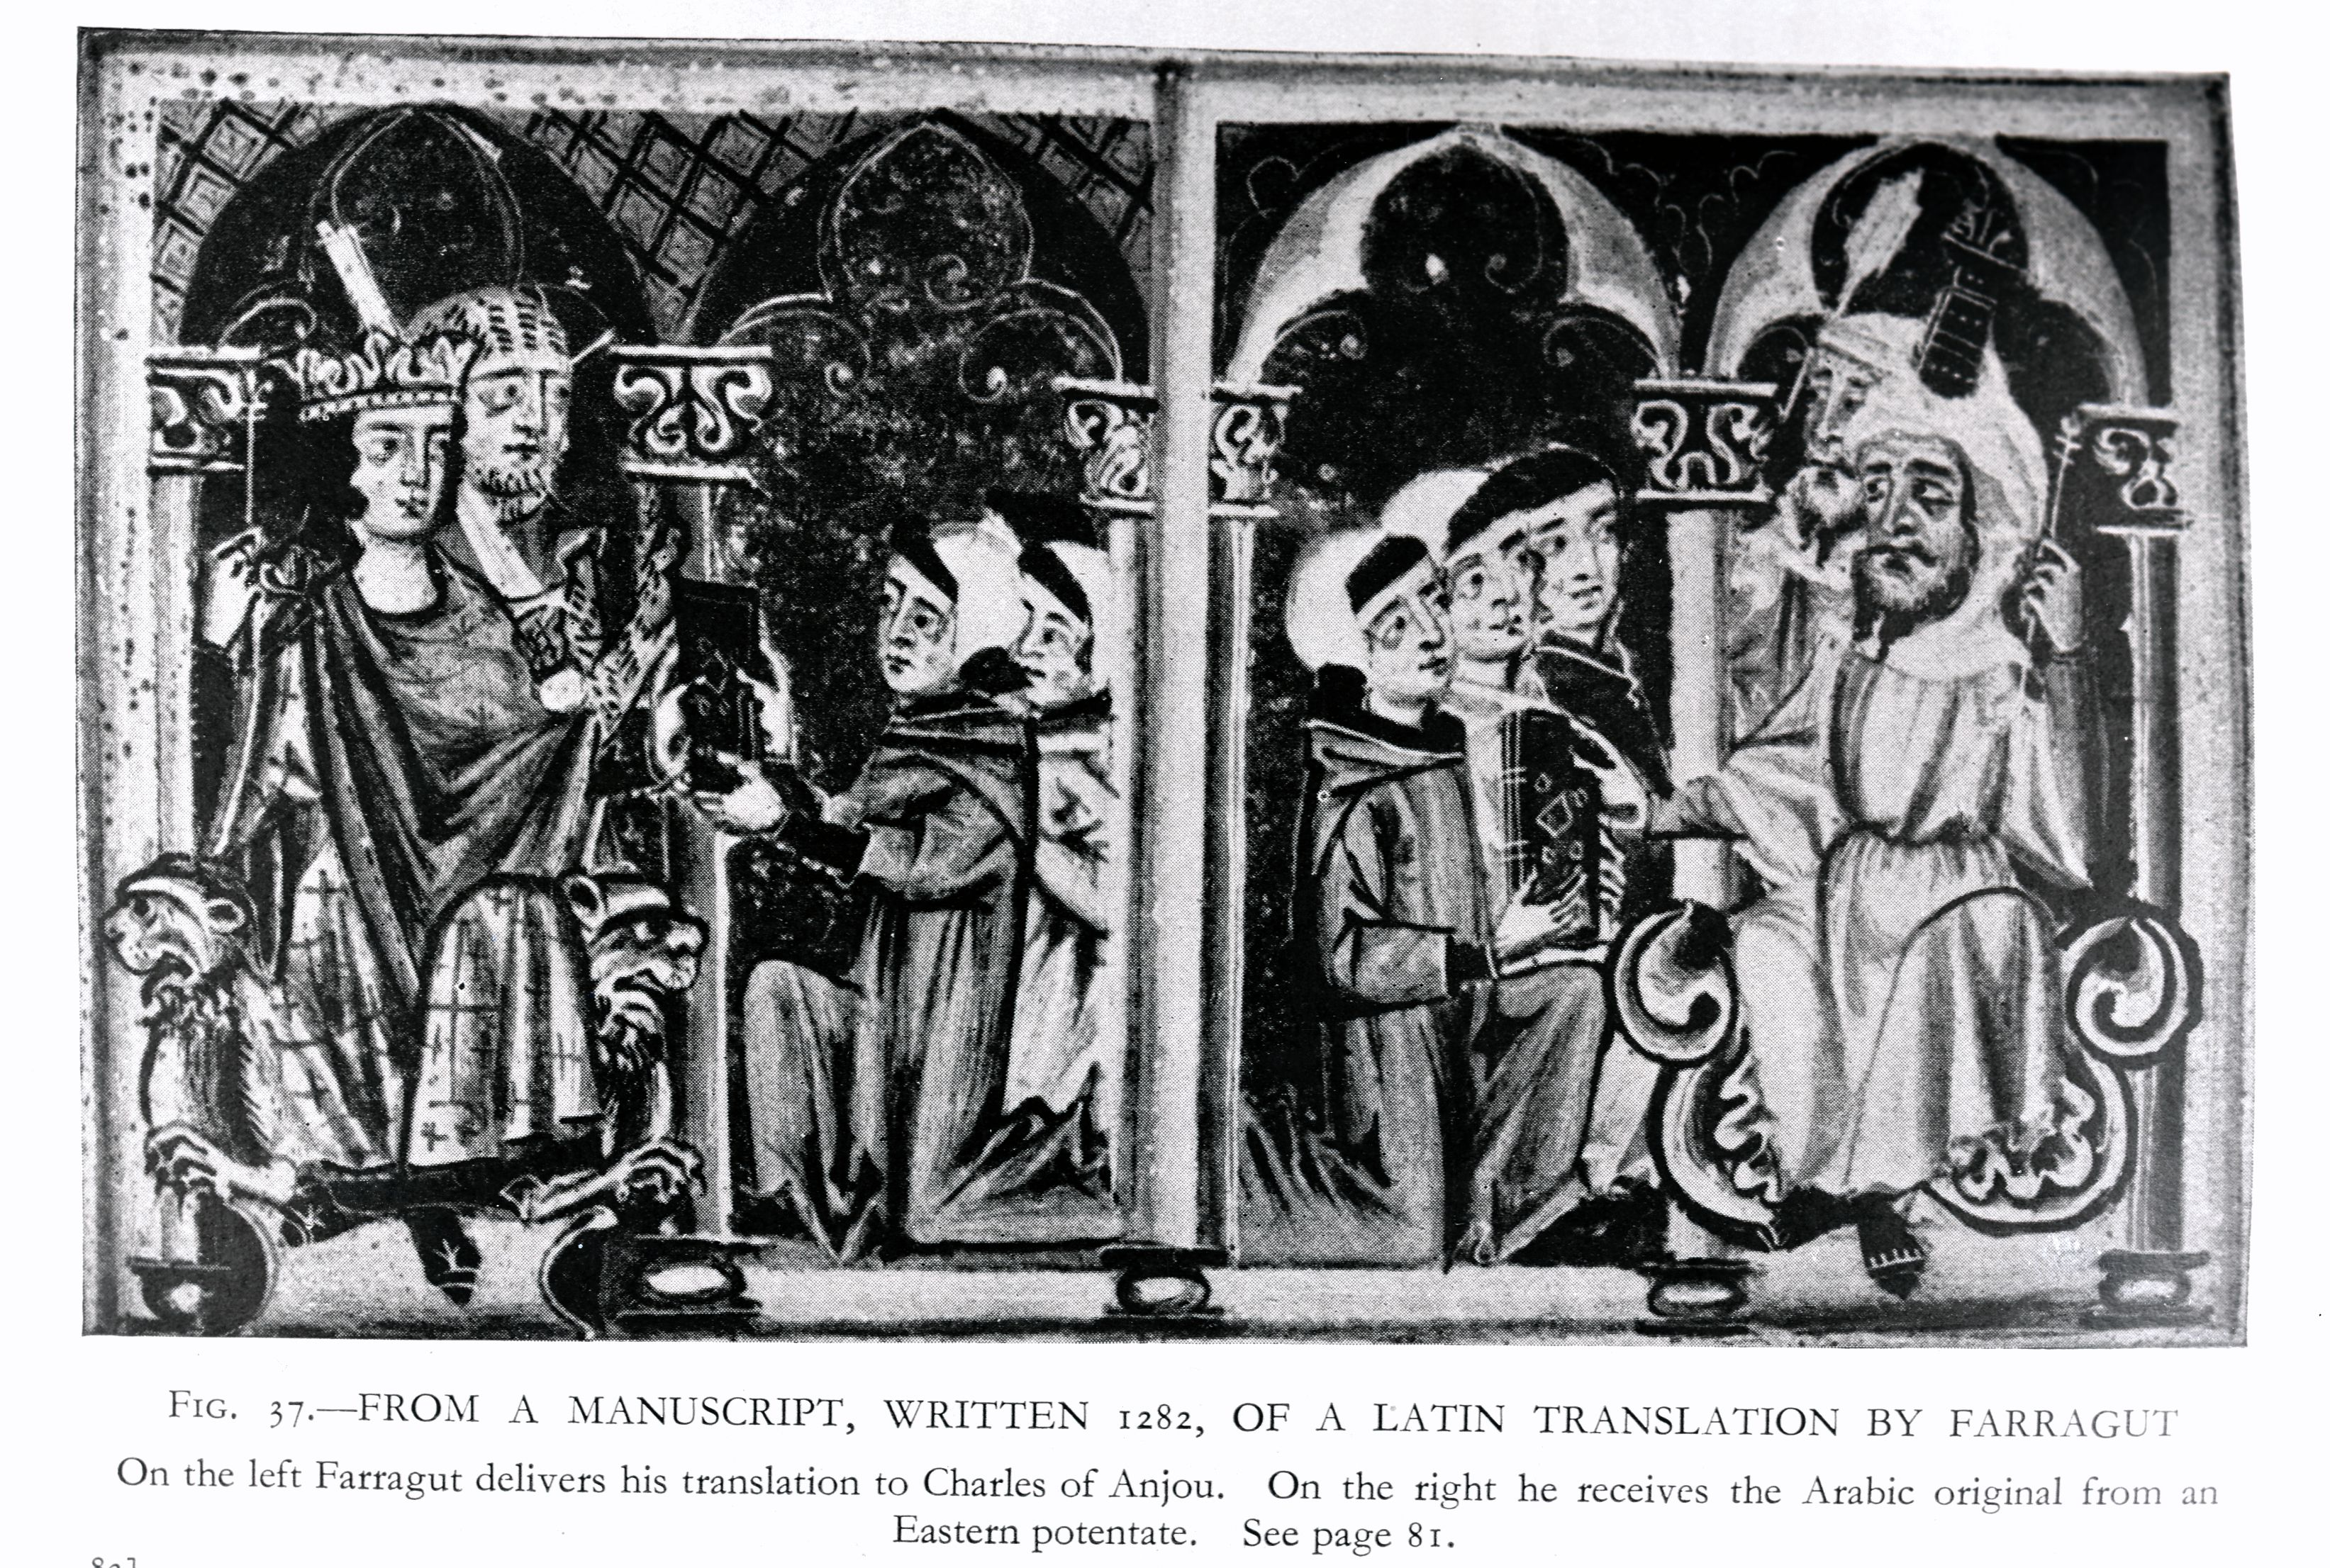 Farragut Delivering Manuscript to Charles of Anjou